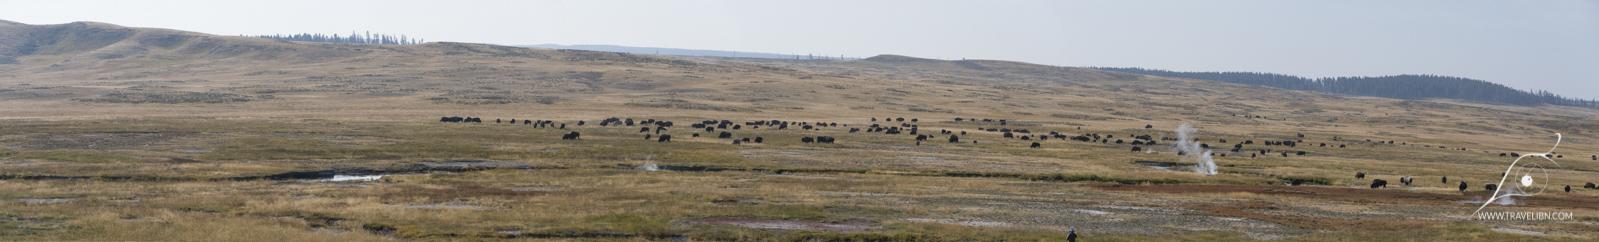 Bizon herd in Hayden Valley, Yellowstone National Park